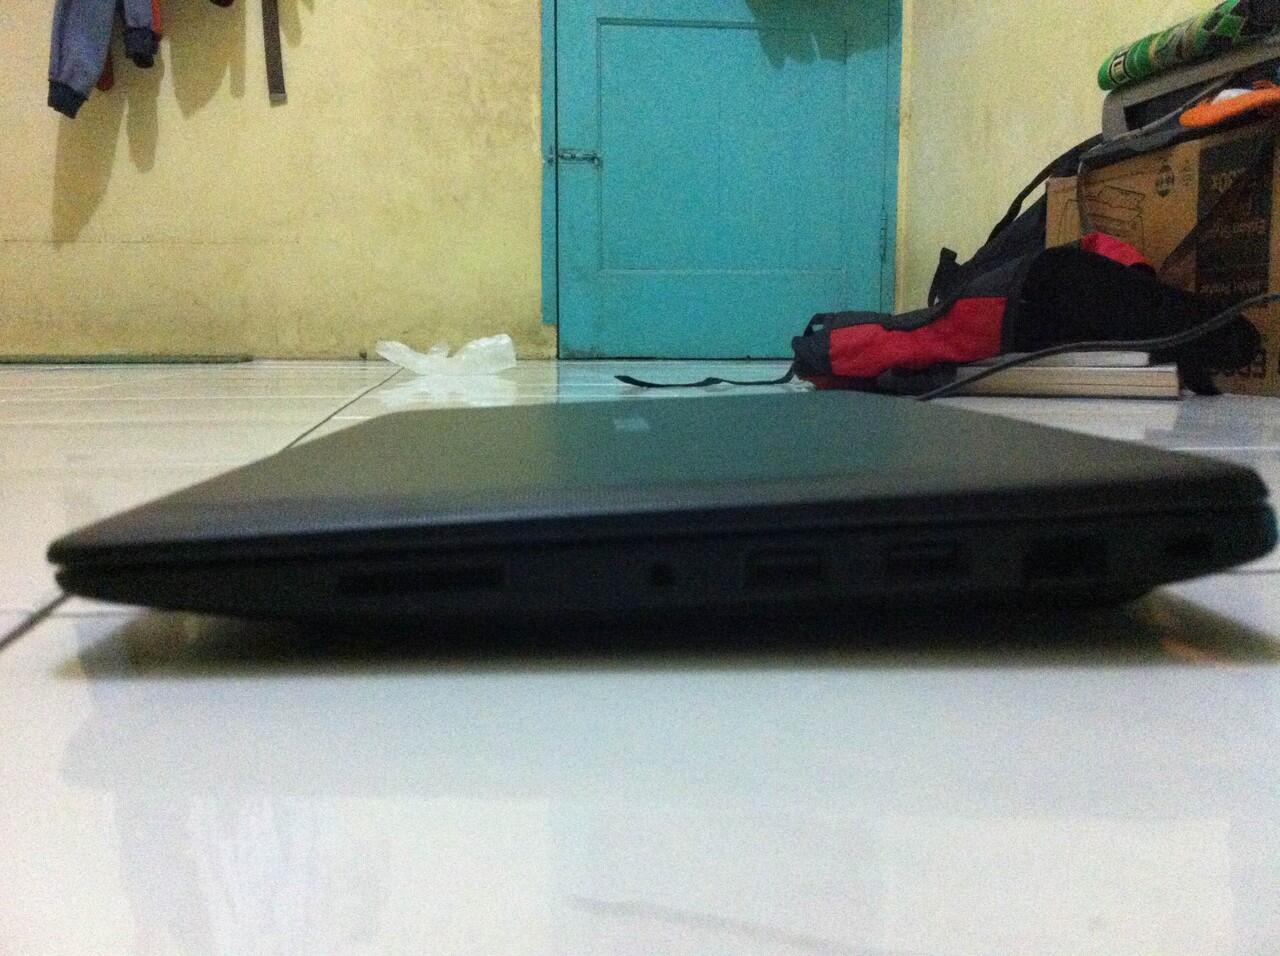 Asus x200ca 11,6' warna Hitam